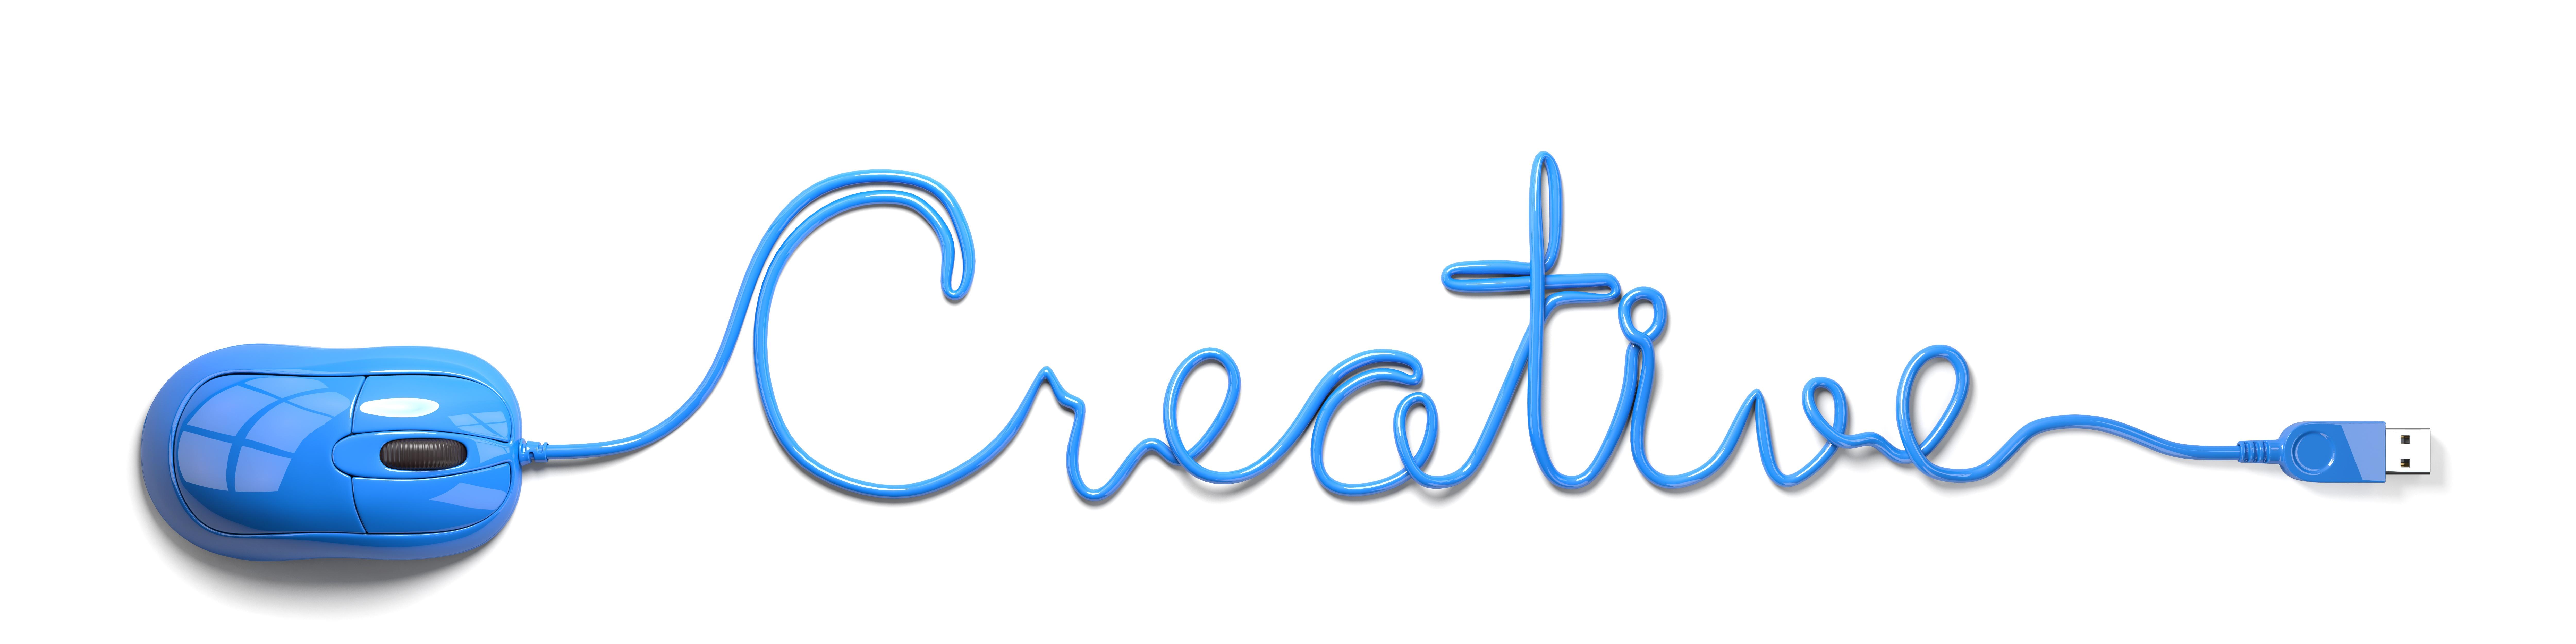 creative_2.jpeg